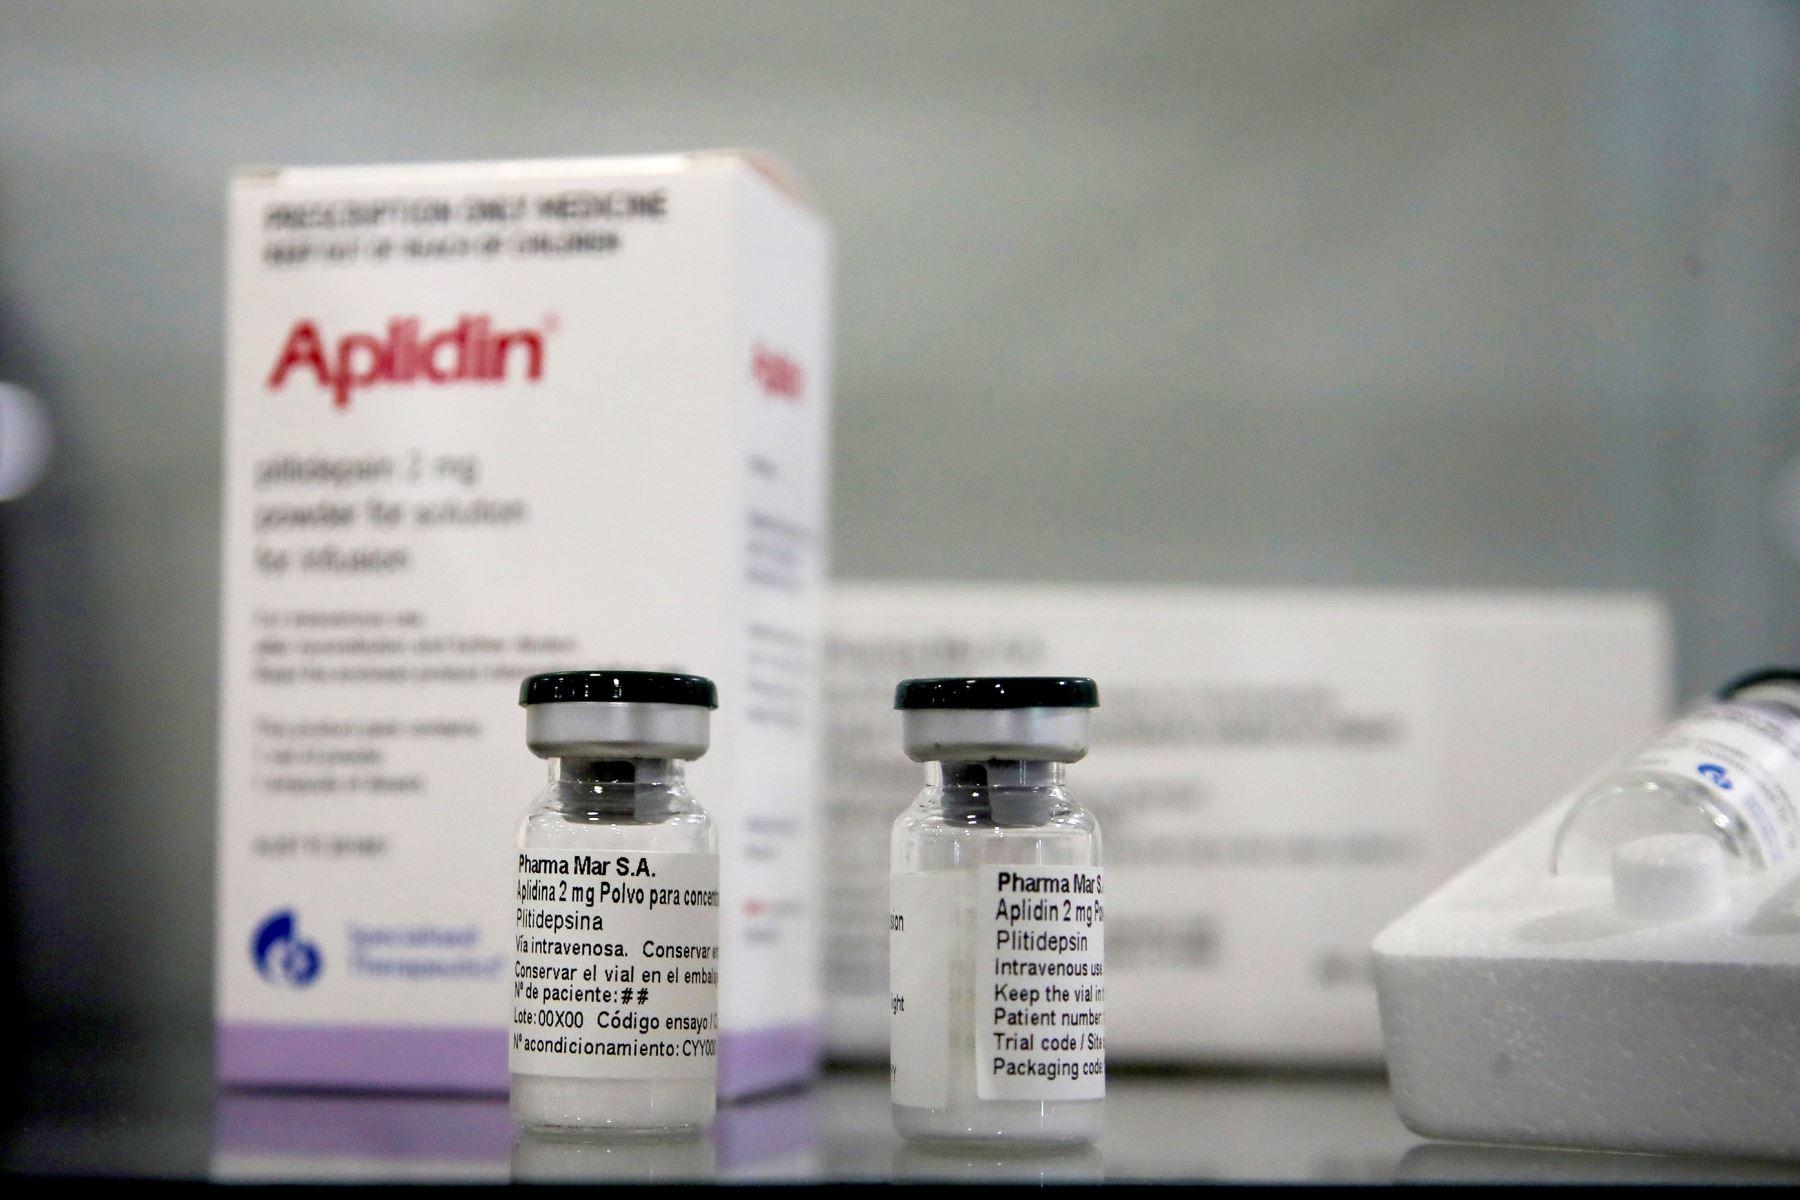 La plitidepsina (Aplidin) actúa bloqueando la proteína eEF1A, presente en las células humanas, y que es utilizada por el SARS-CoV-2 para reproducirse e infectar a otras células.